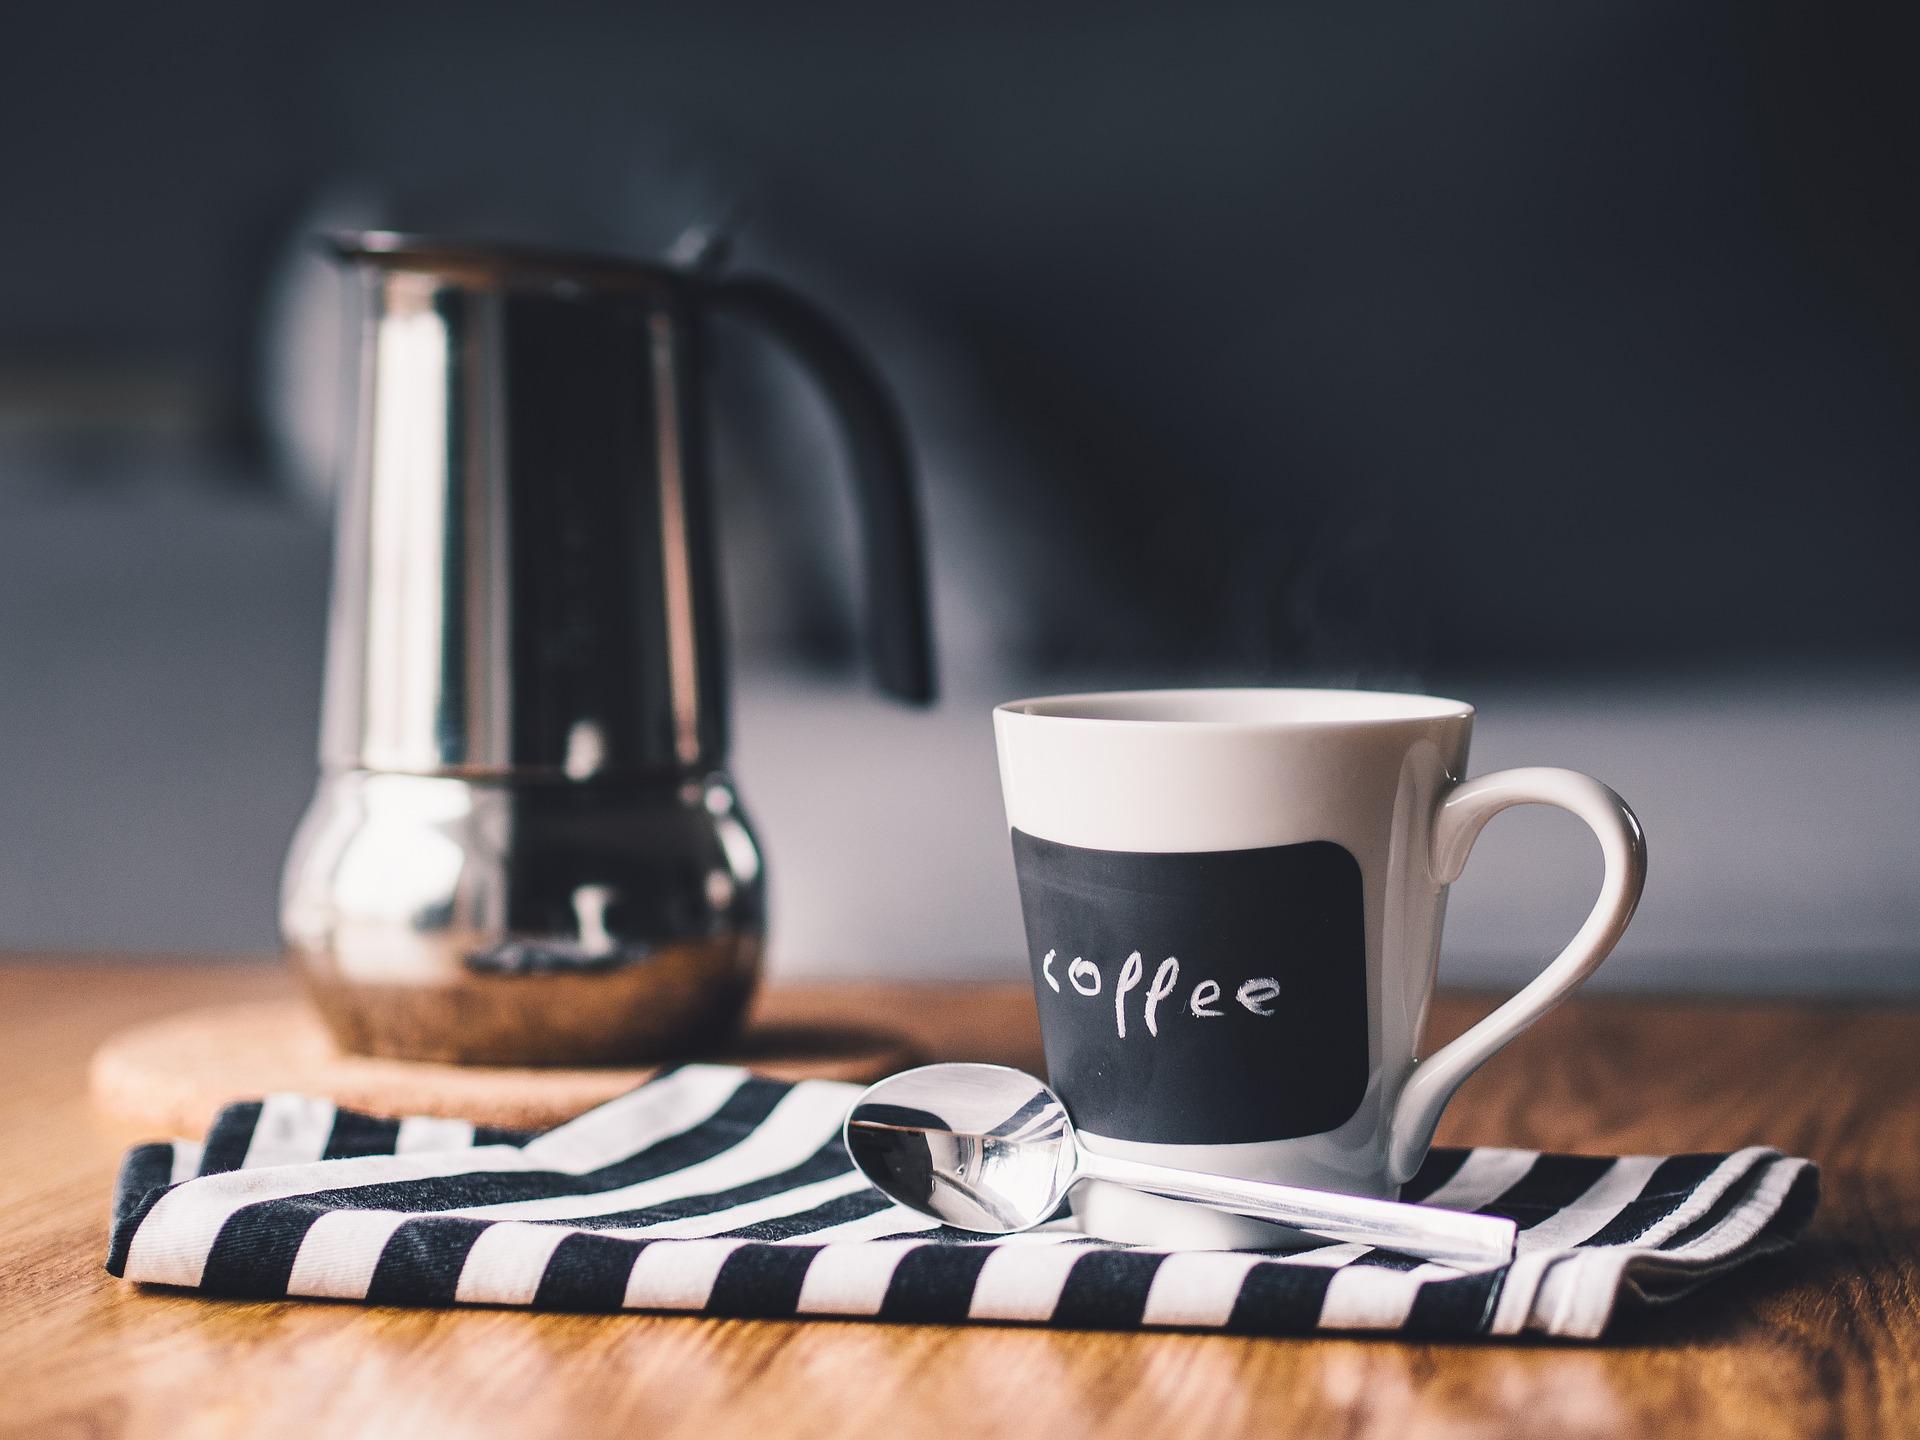 Découvrez le Mug en céramique, un produit publicitaire réutilisable